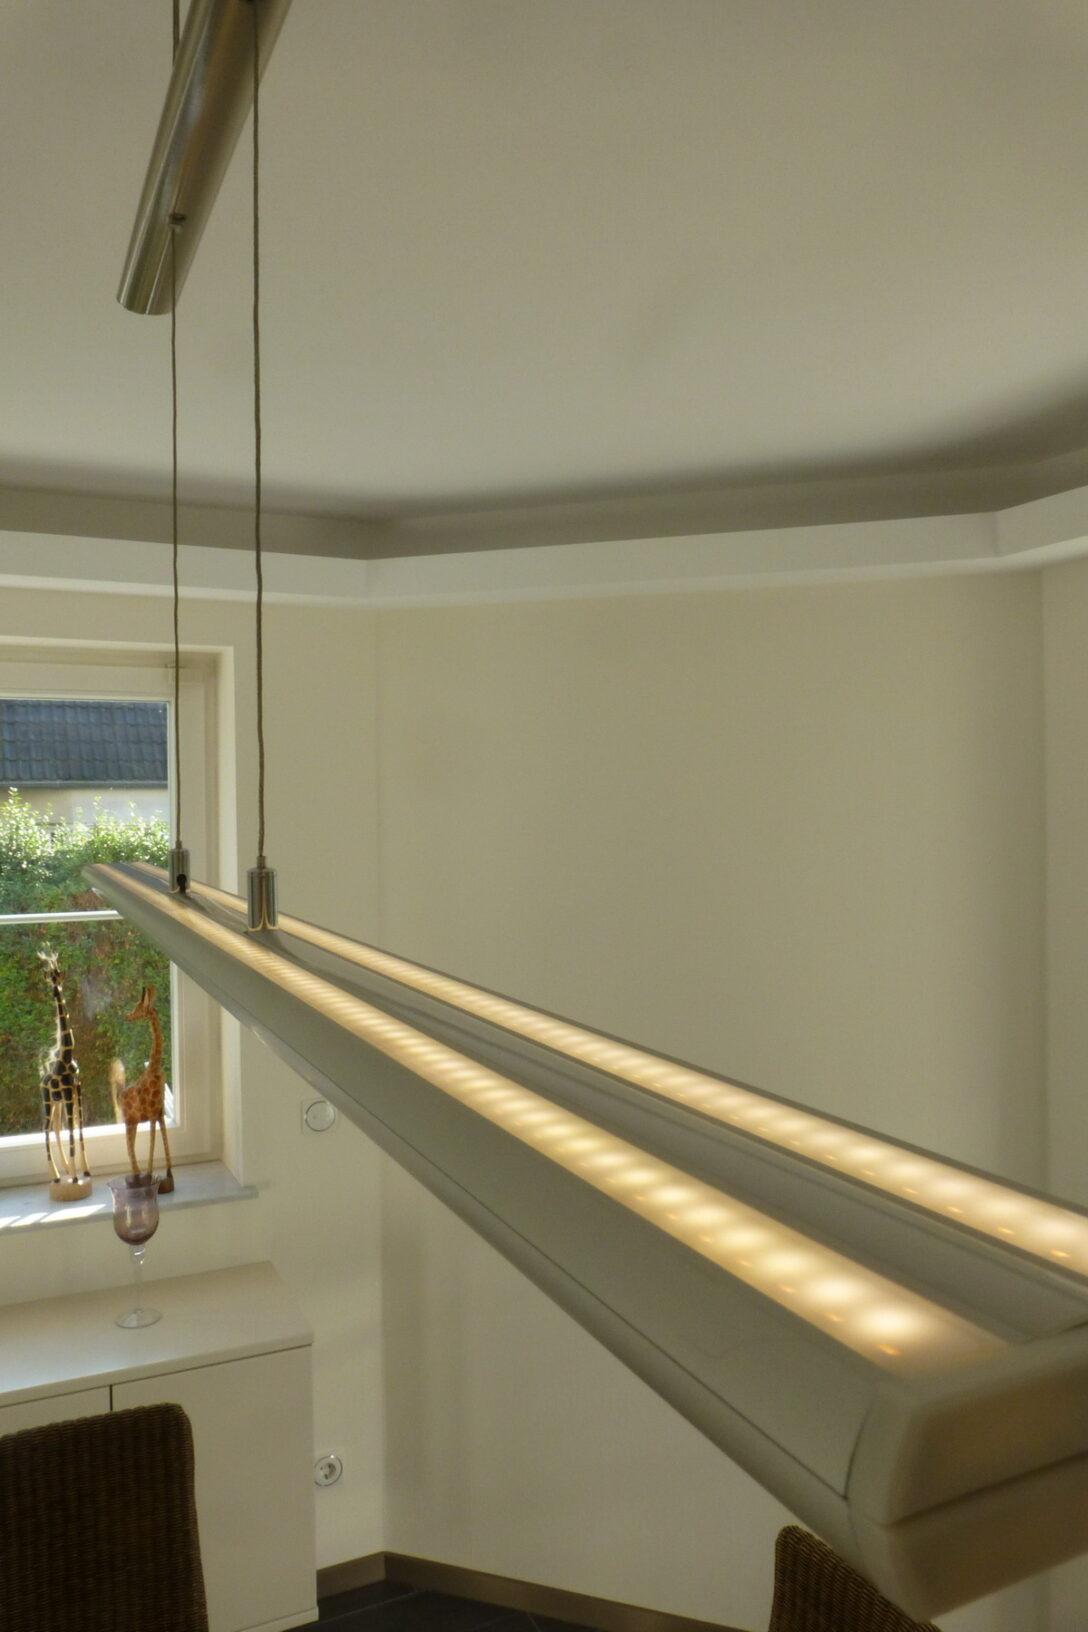 Large Size of Esstisch 2m Diy Led Wohnzimmer Leuchte Lampen Grau 120x80 Skandinavisch Shabby Ausziehbarer 160 Ausziehbar Rustikal Holz Massiv Rund Mit Stühlen Massivholz Esstische Esstisch 2m